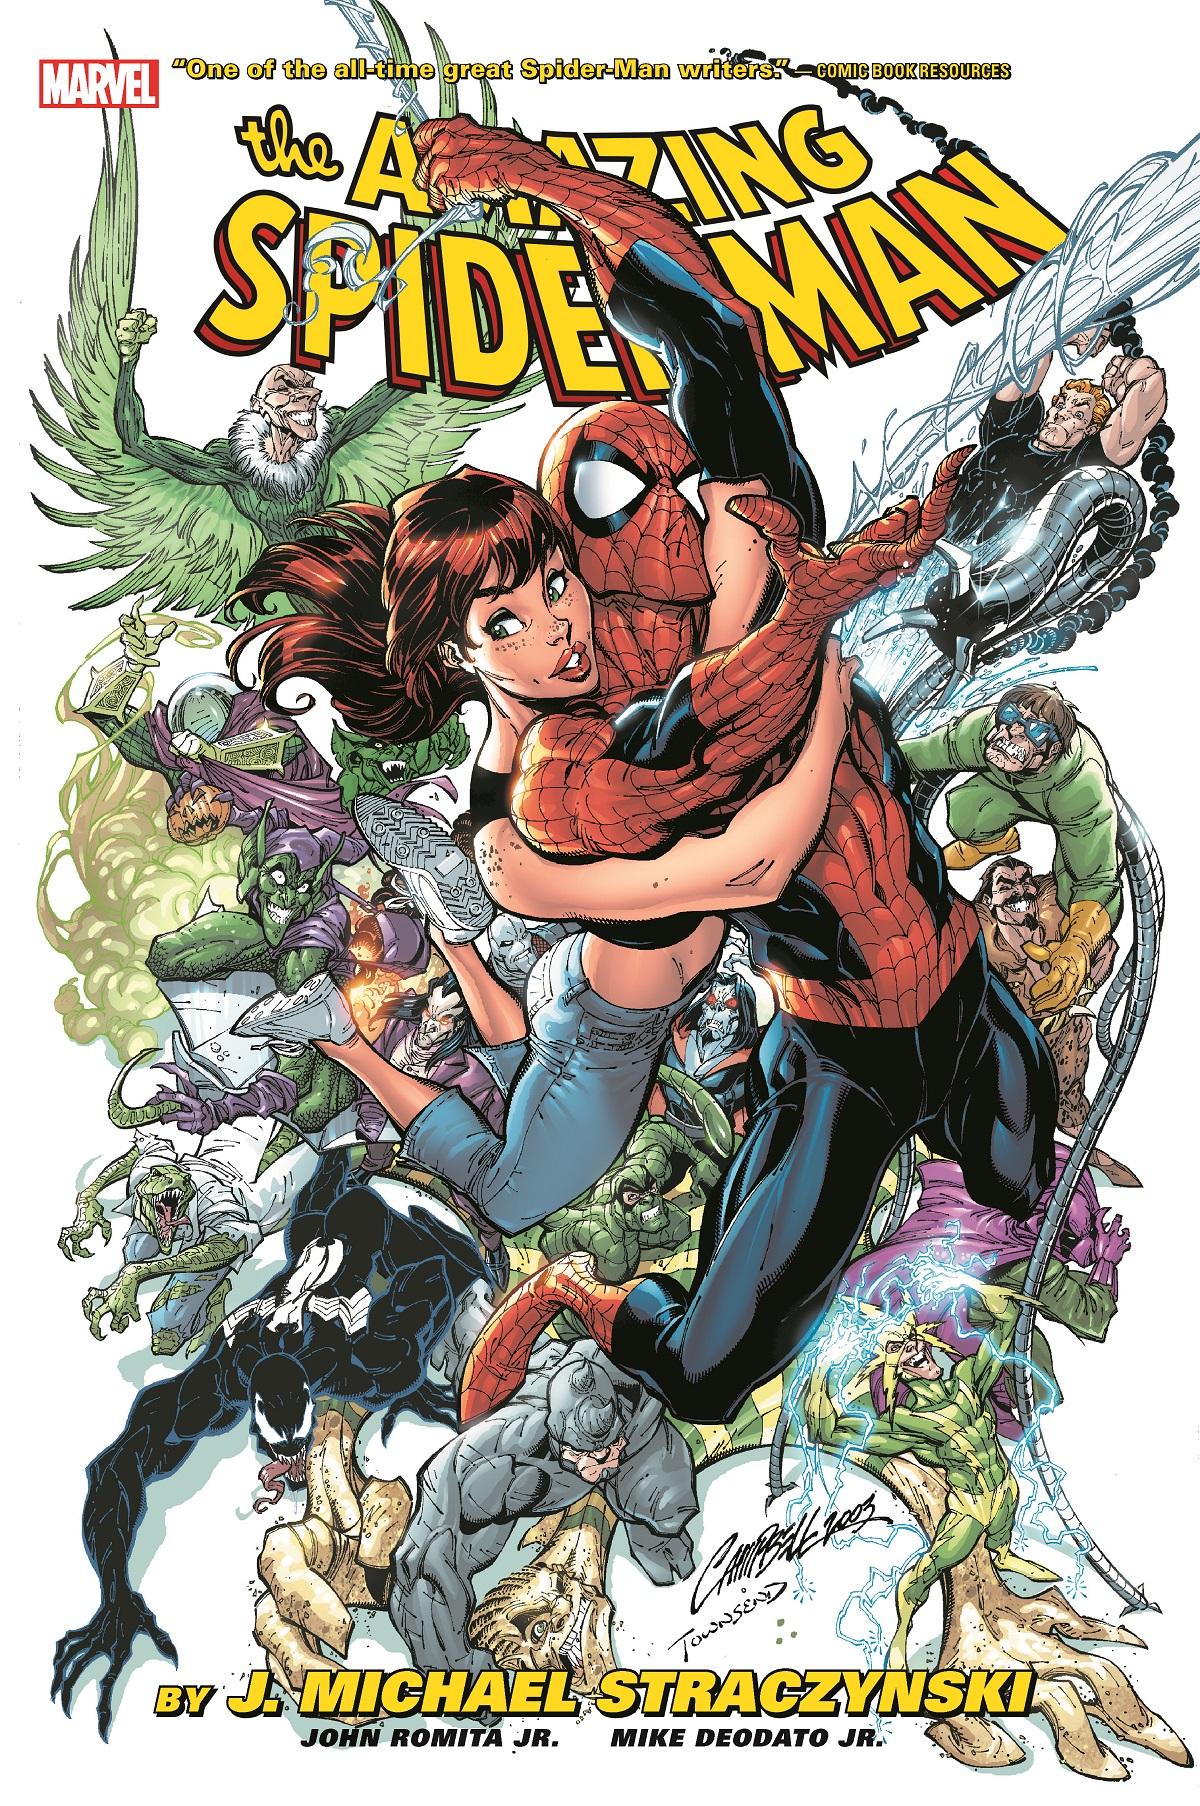 Amazing Spider-Man by J. Michael Straczynski Omnibus Vol. 1 (Hardcover)